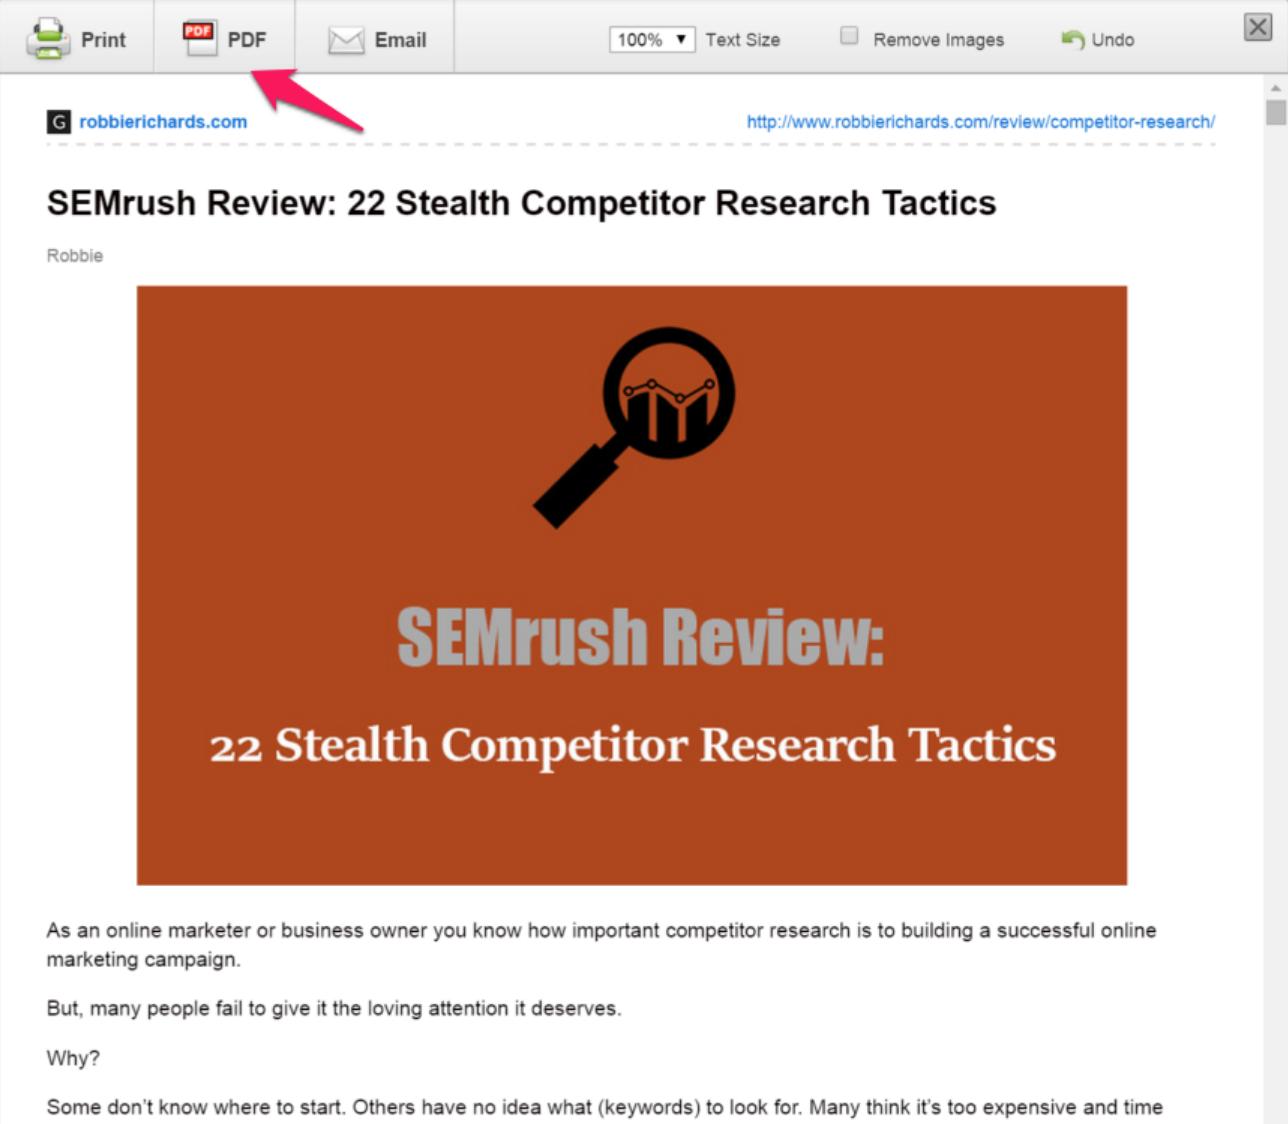 Screenshot showing a SEMrush review page